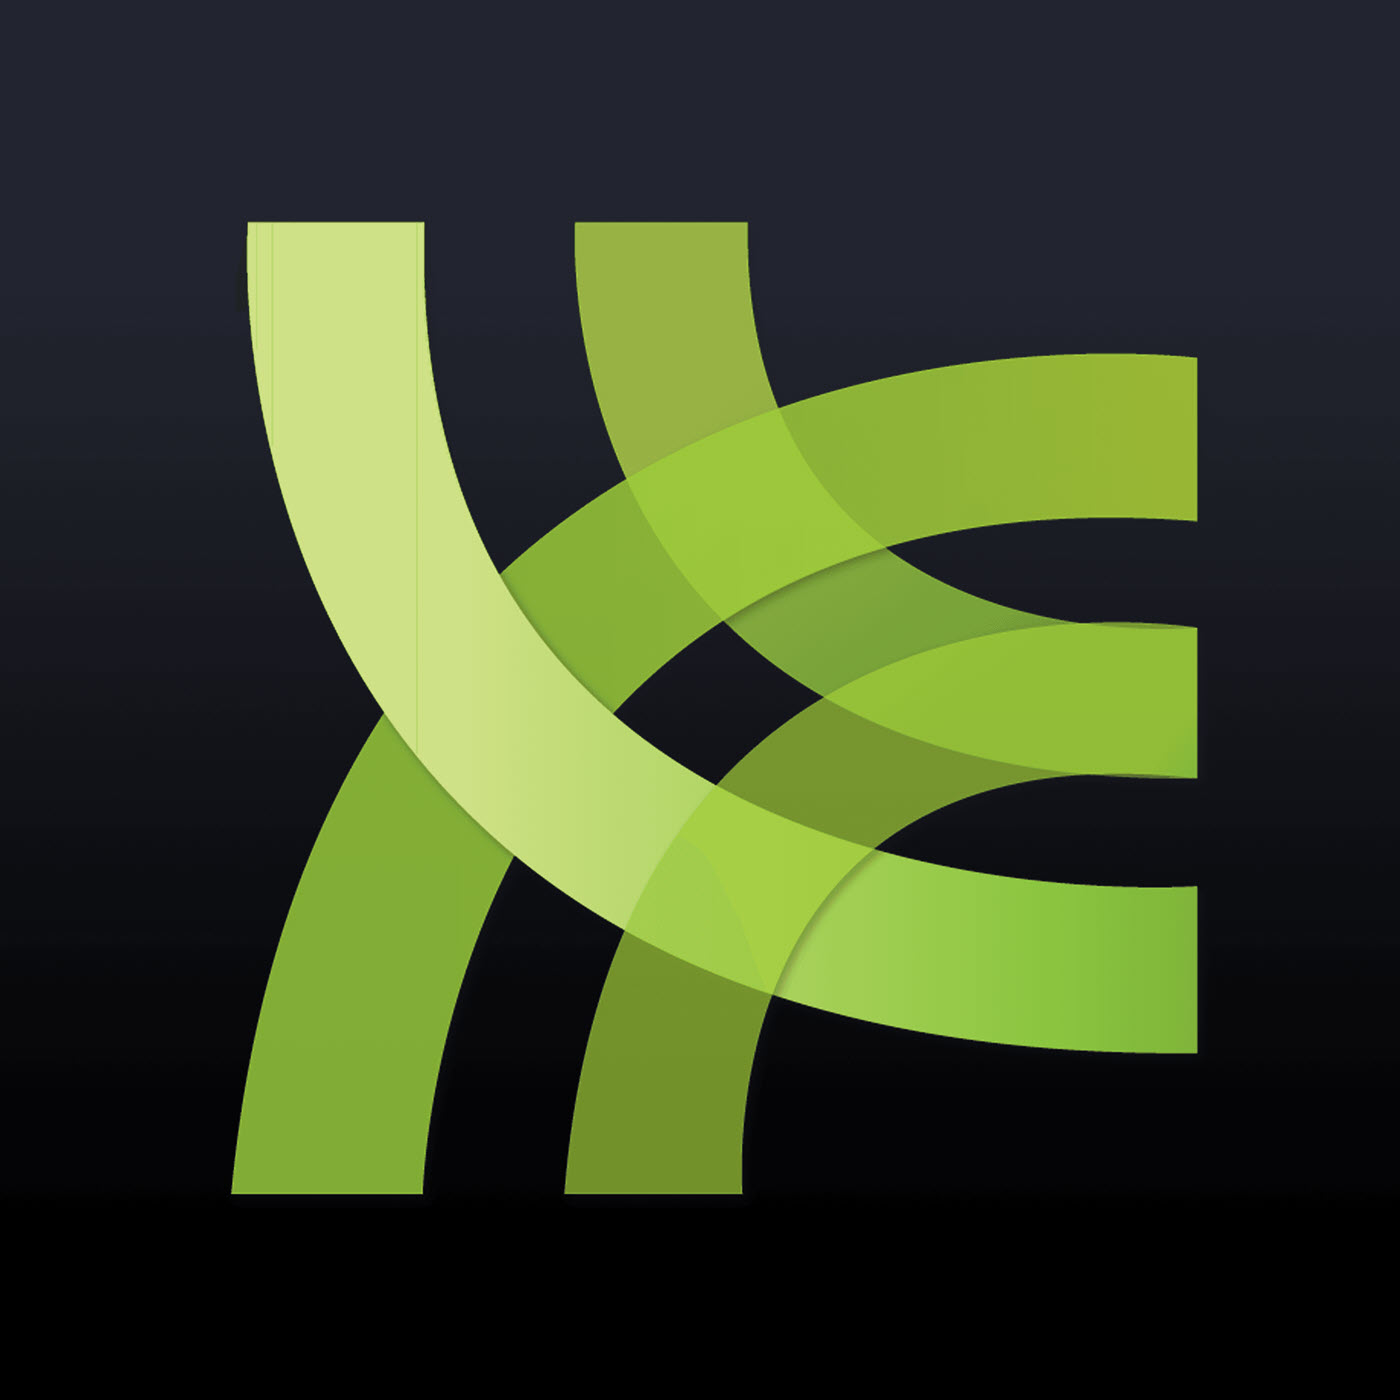 iboardcast is ook te downloaden als podcast via itunes